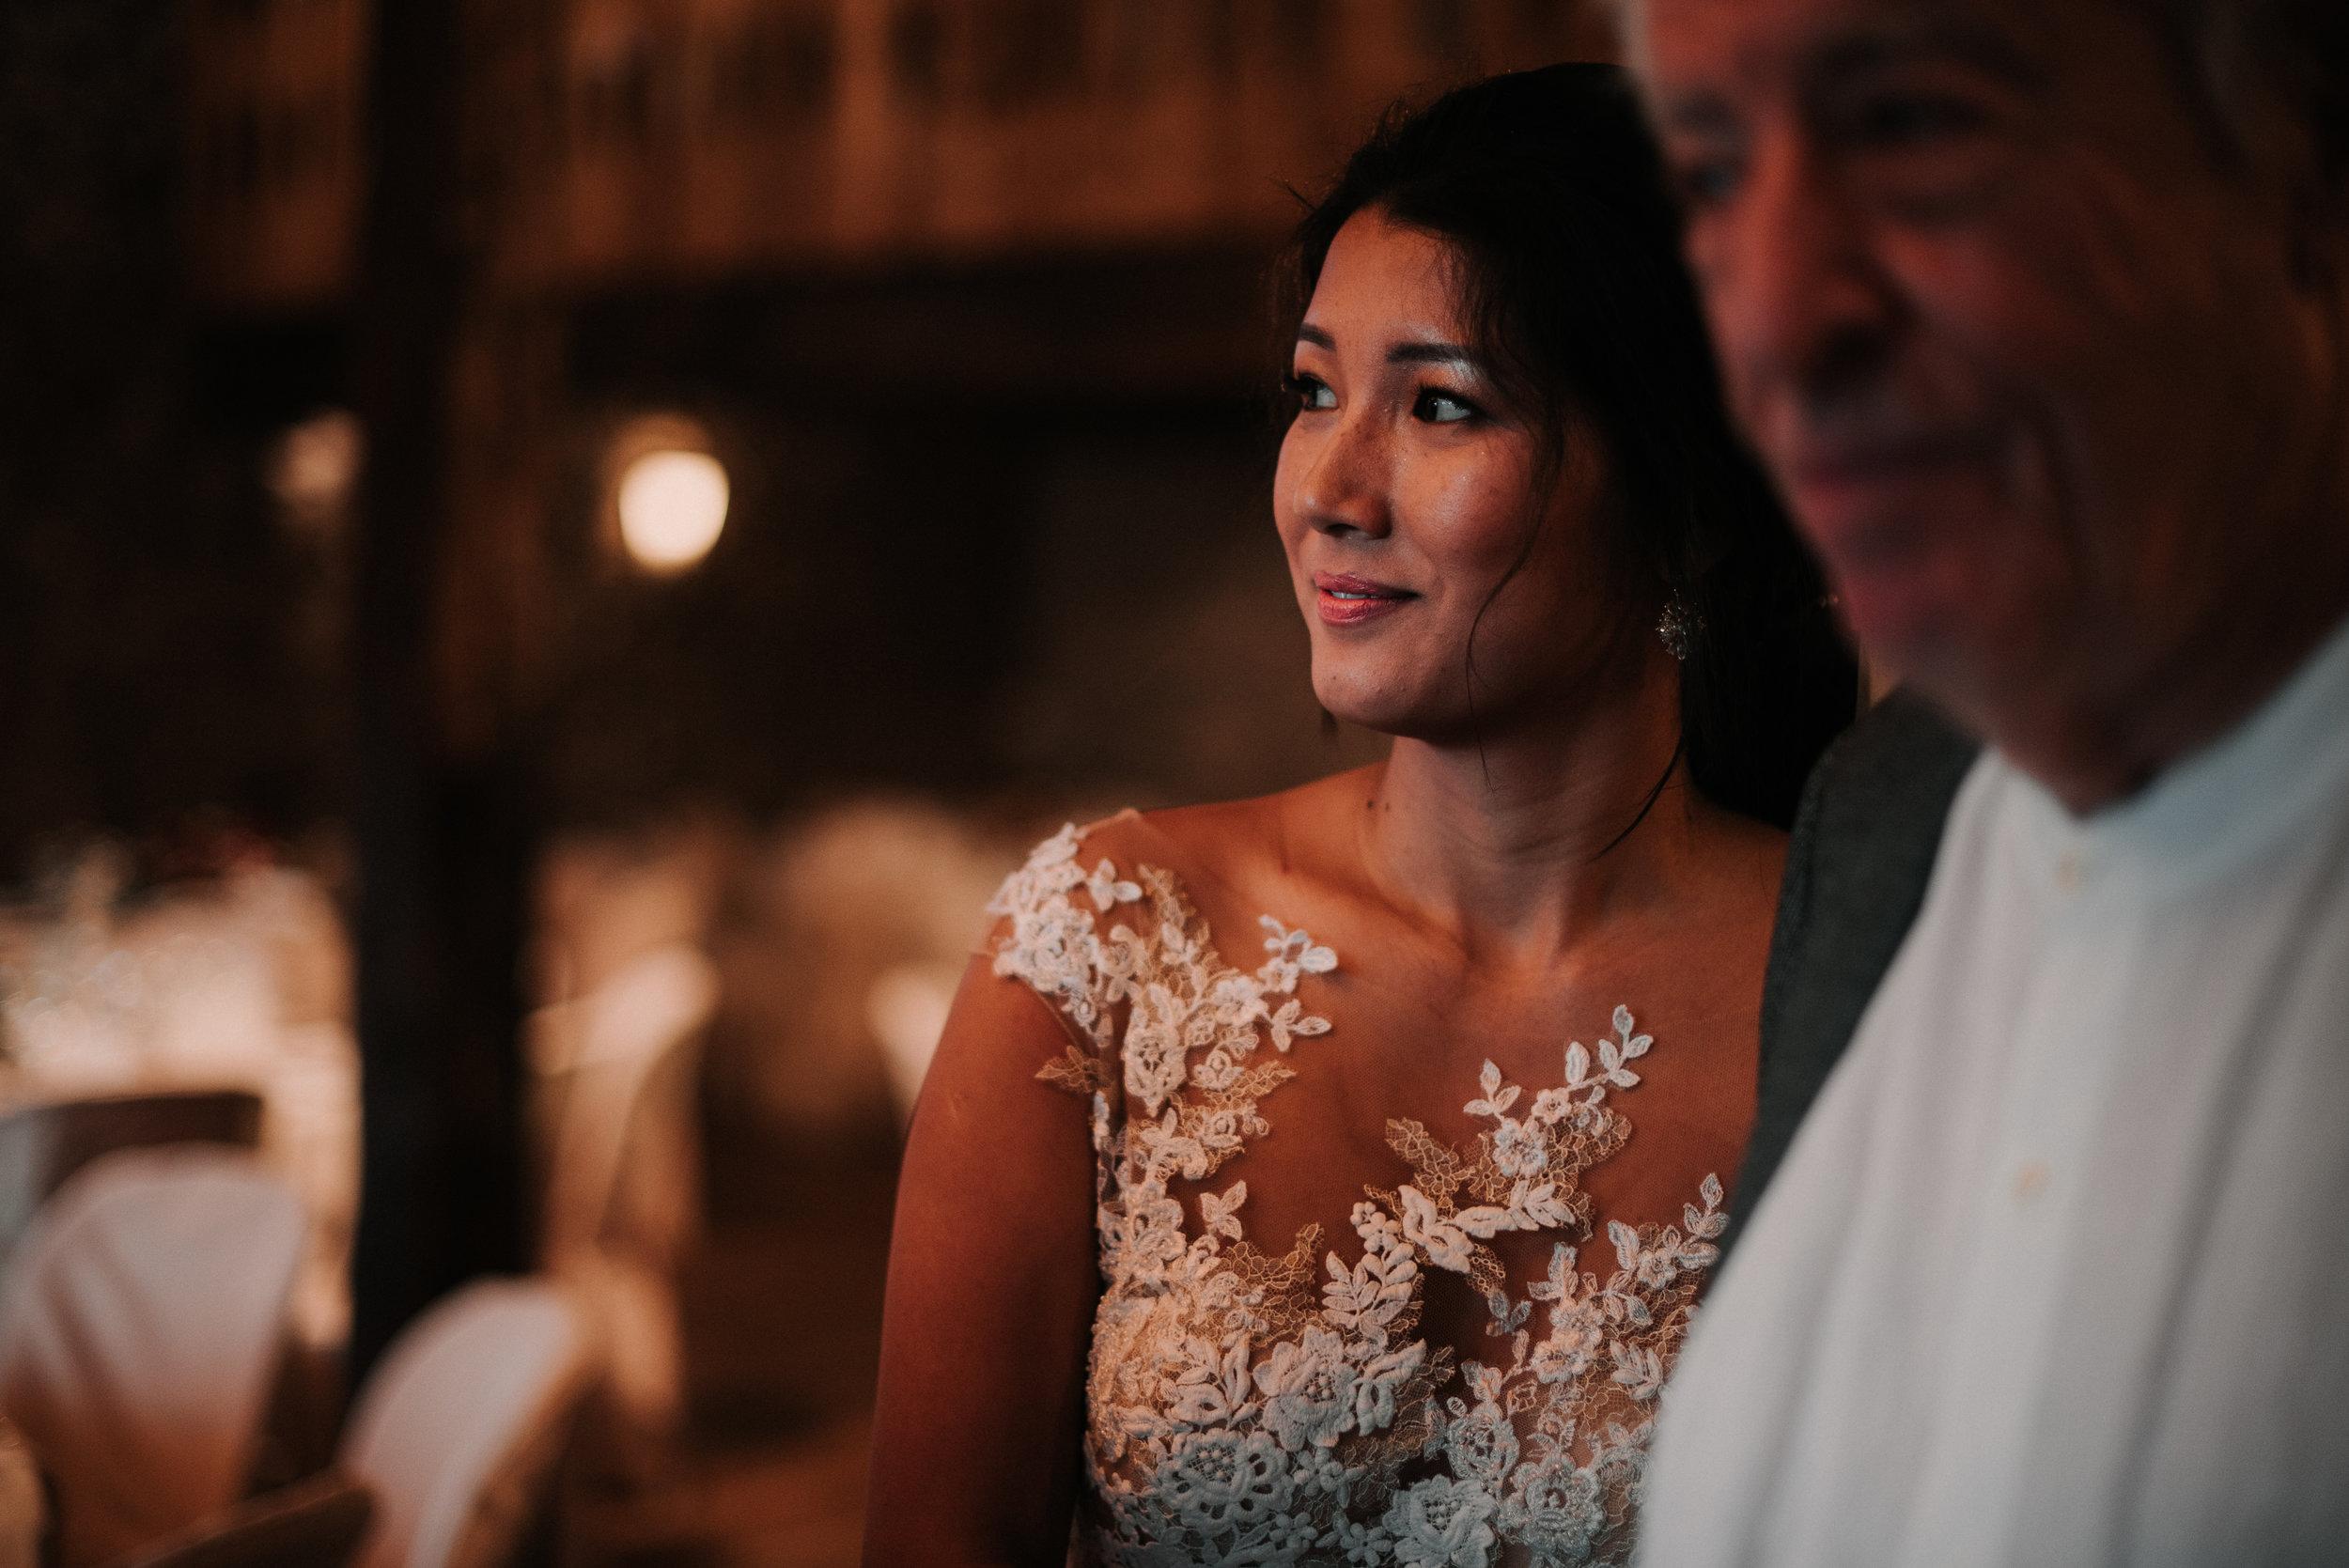 Léa-Fery-photographe-professionnel-lyon-rhone-alpes-portrait-creation-mariage-evenement-evenementiel-famille-7392.jpg